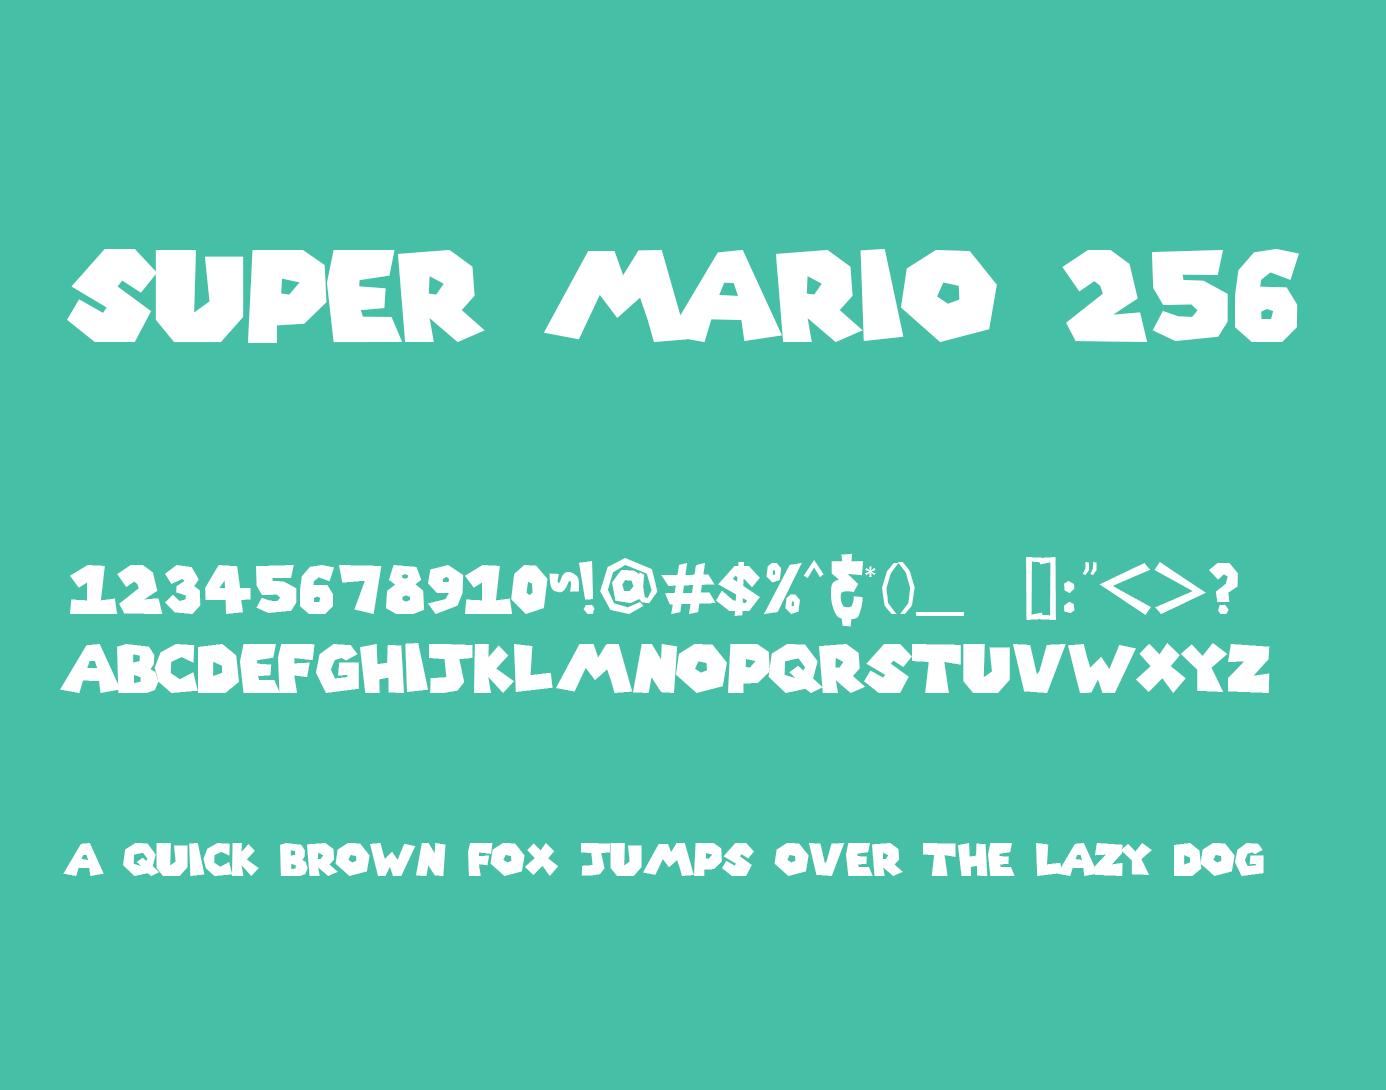 Super Mario 256